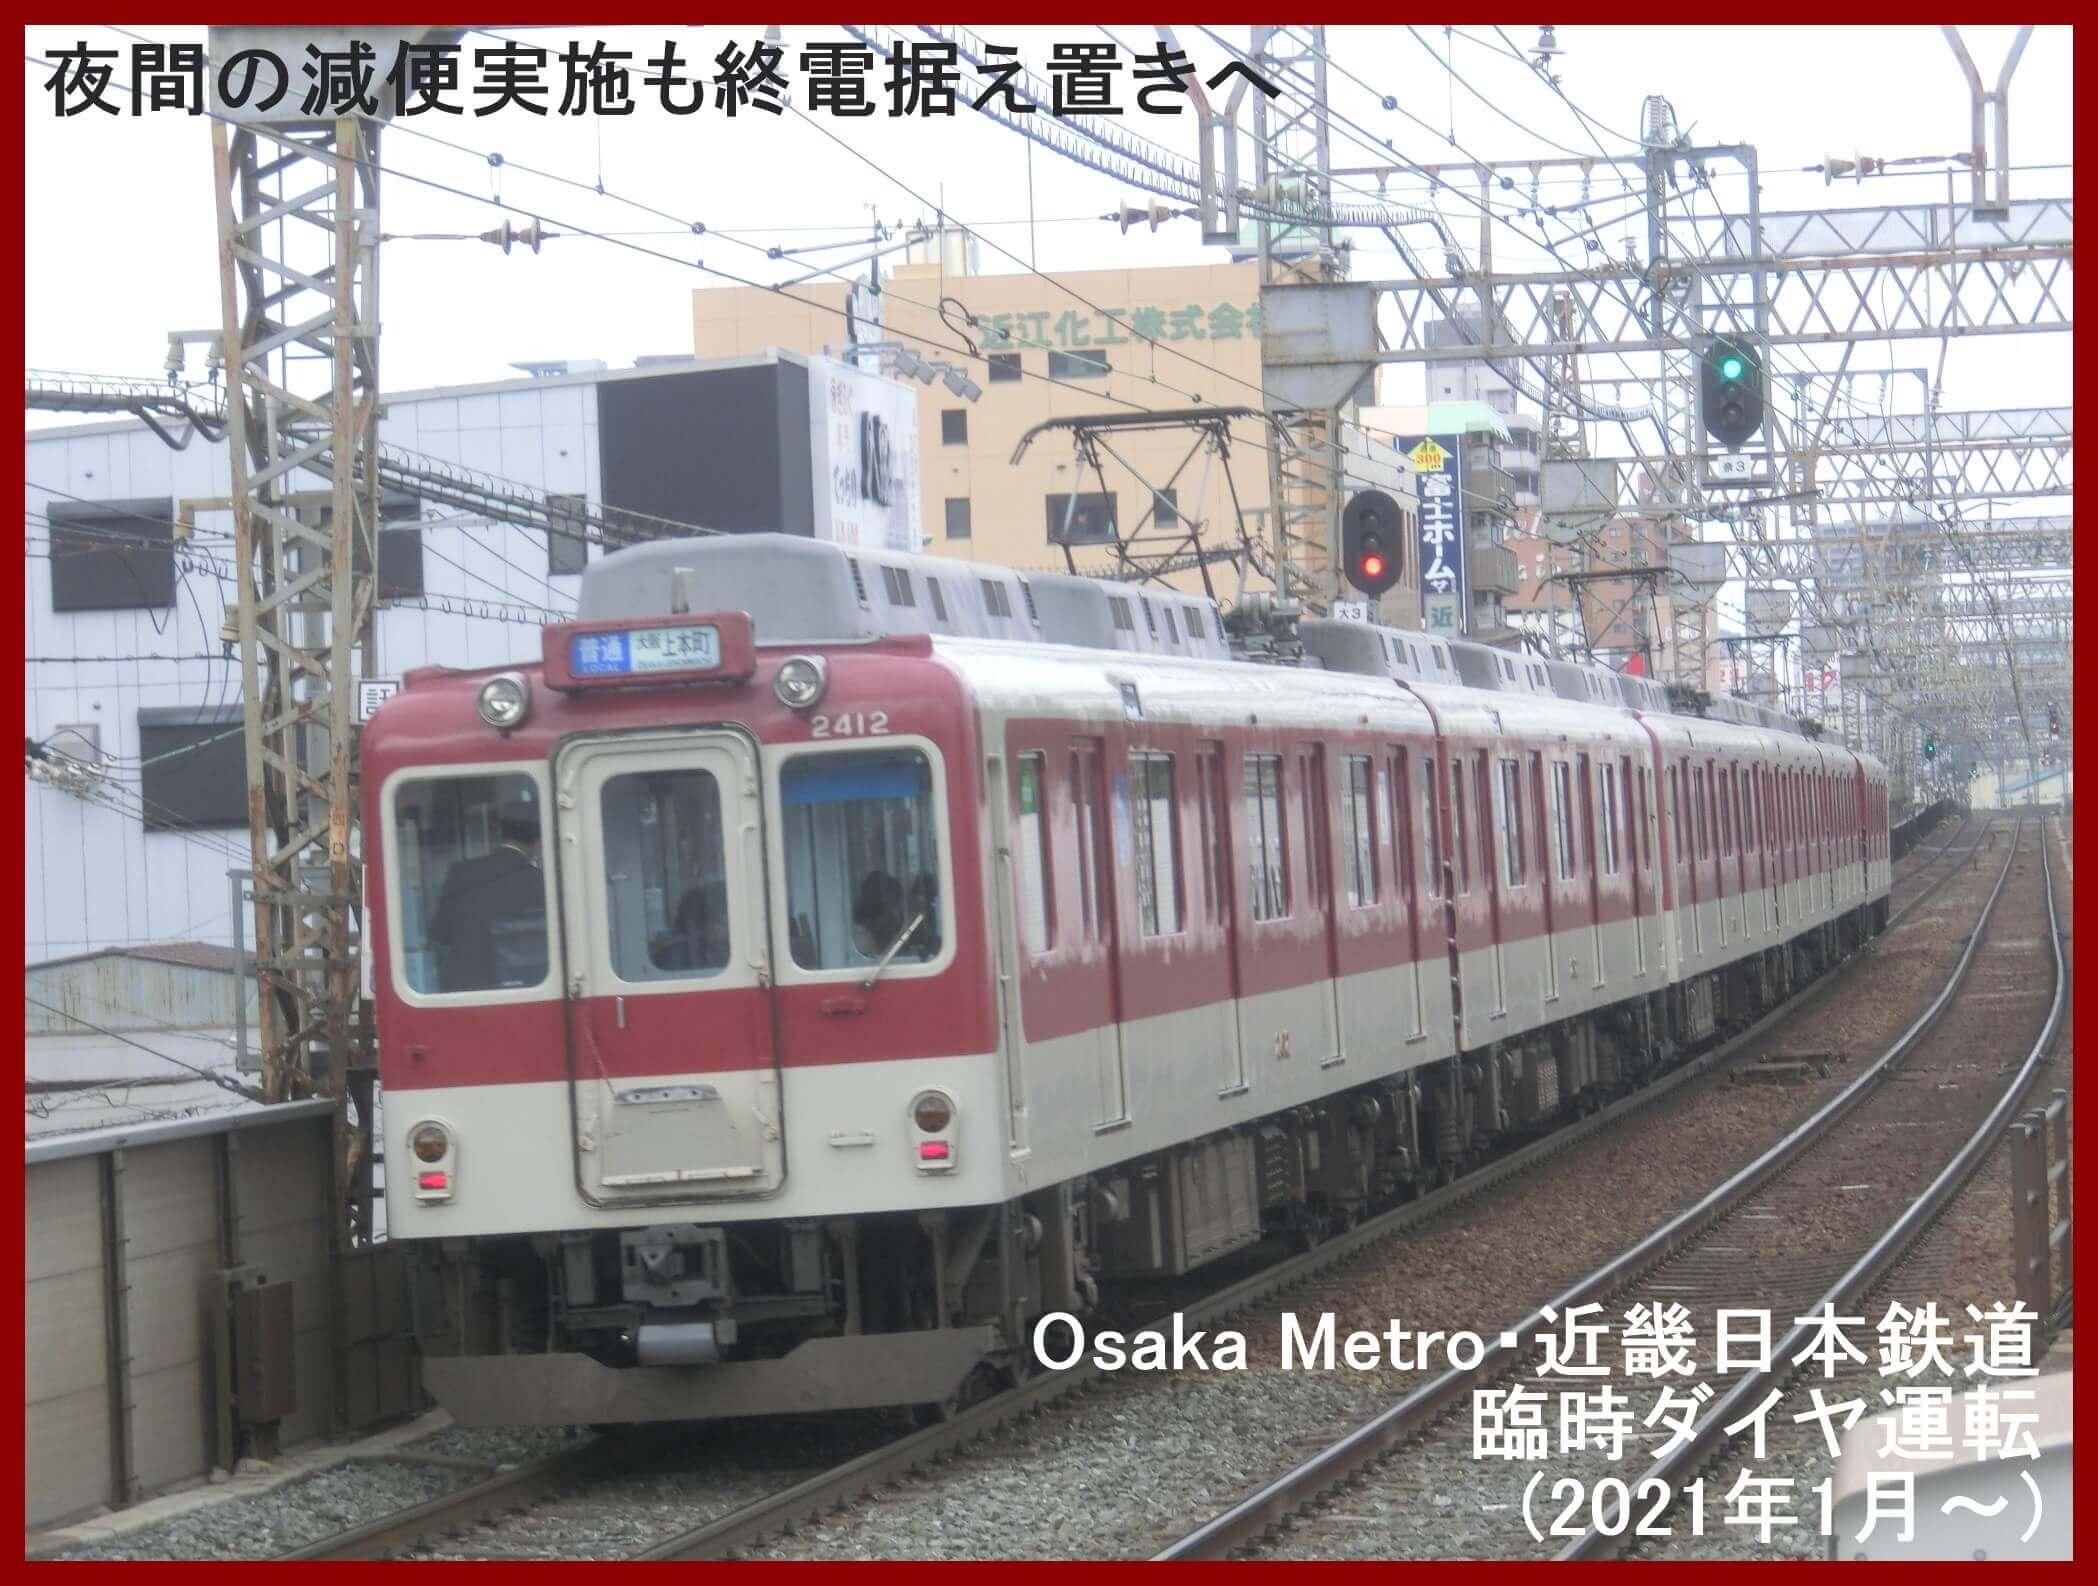 夜間の減便実施も終電据え置きへ Osaka Metro・近畿日本鉄道臨時ダイヤ運転(2021年1月~)